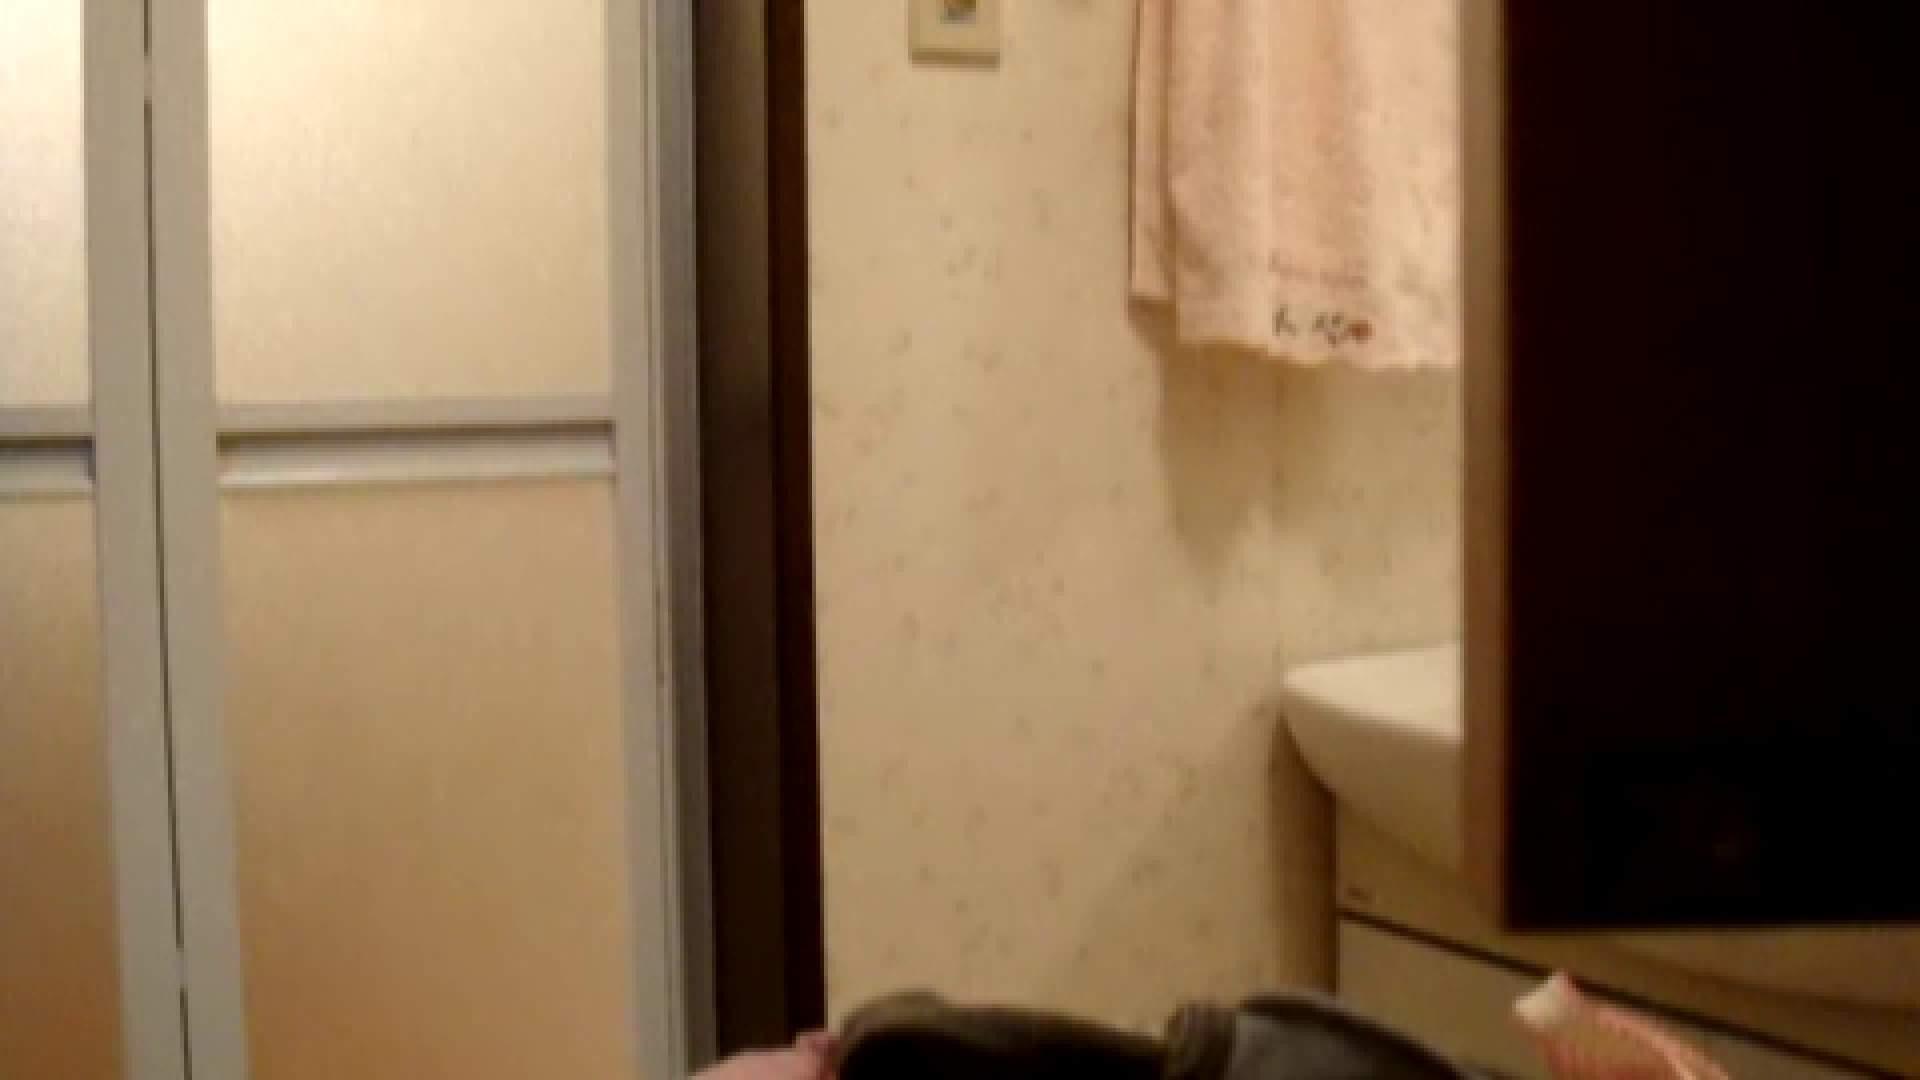 二人とも育てた甲斐がありました… vol.08 まどかの入浴中にカメラに気付いたか!? OLのエロ生活   ギャル入浴  71連発 63